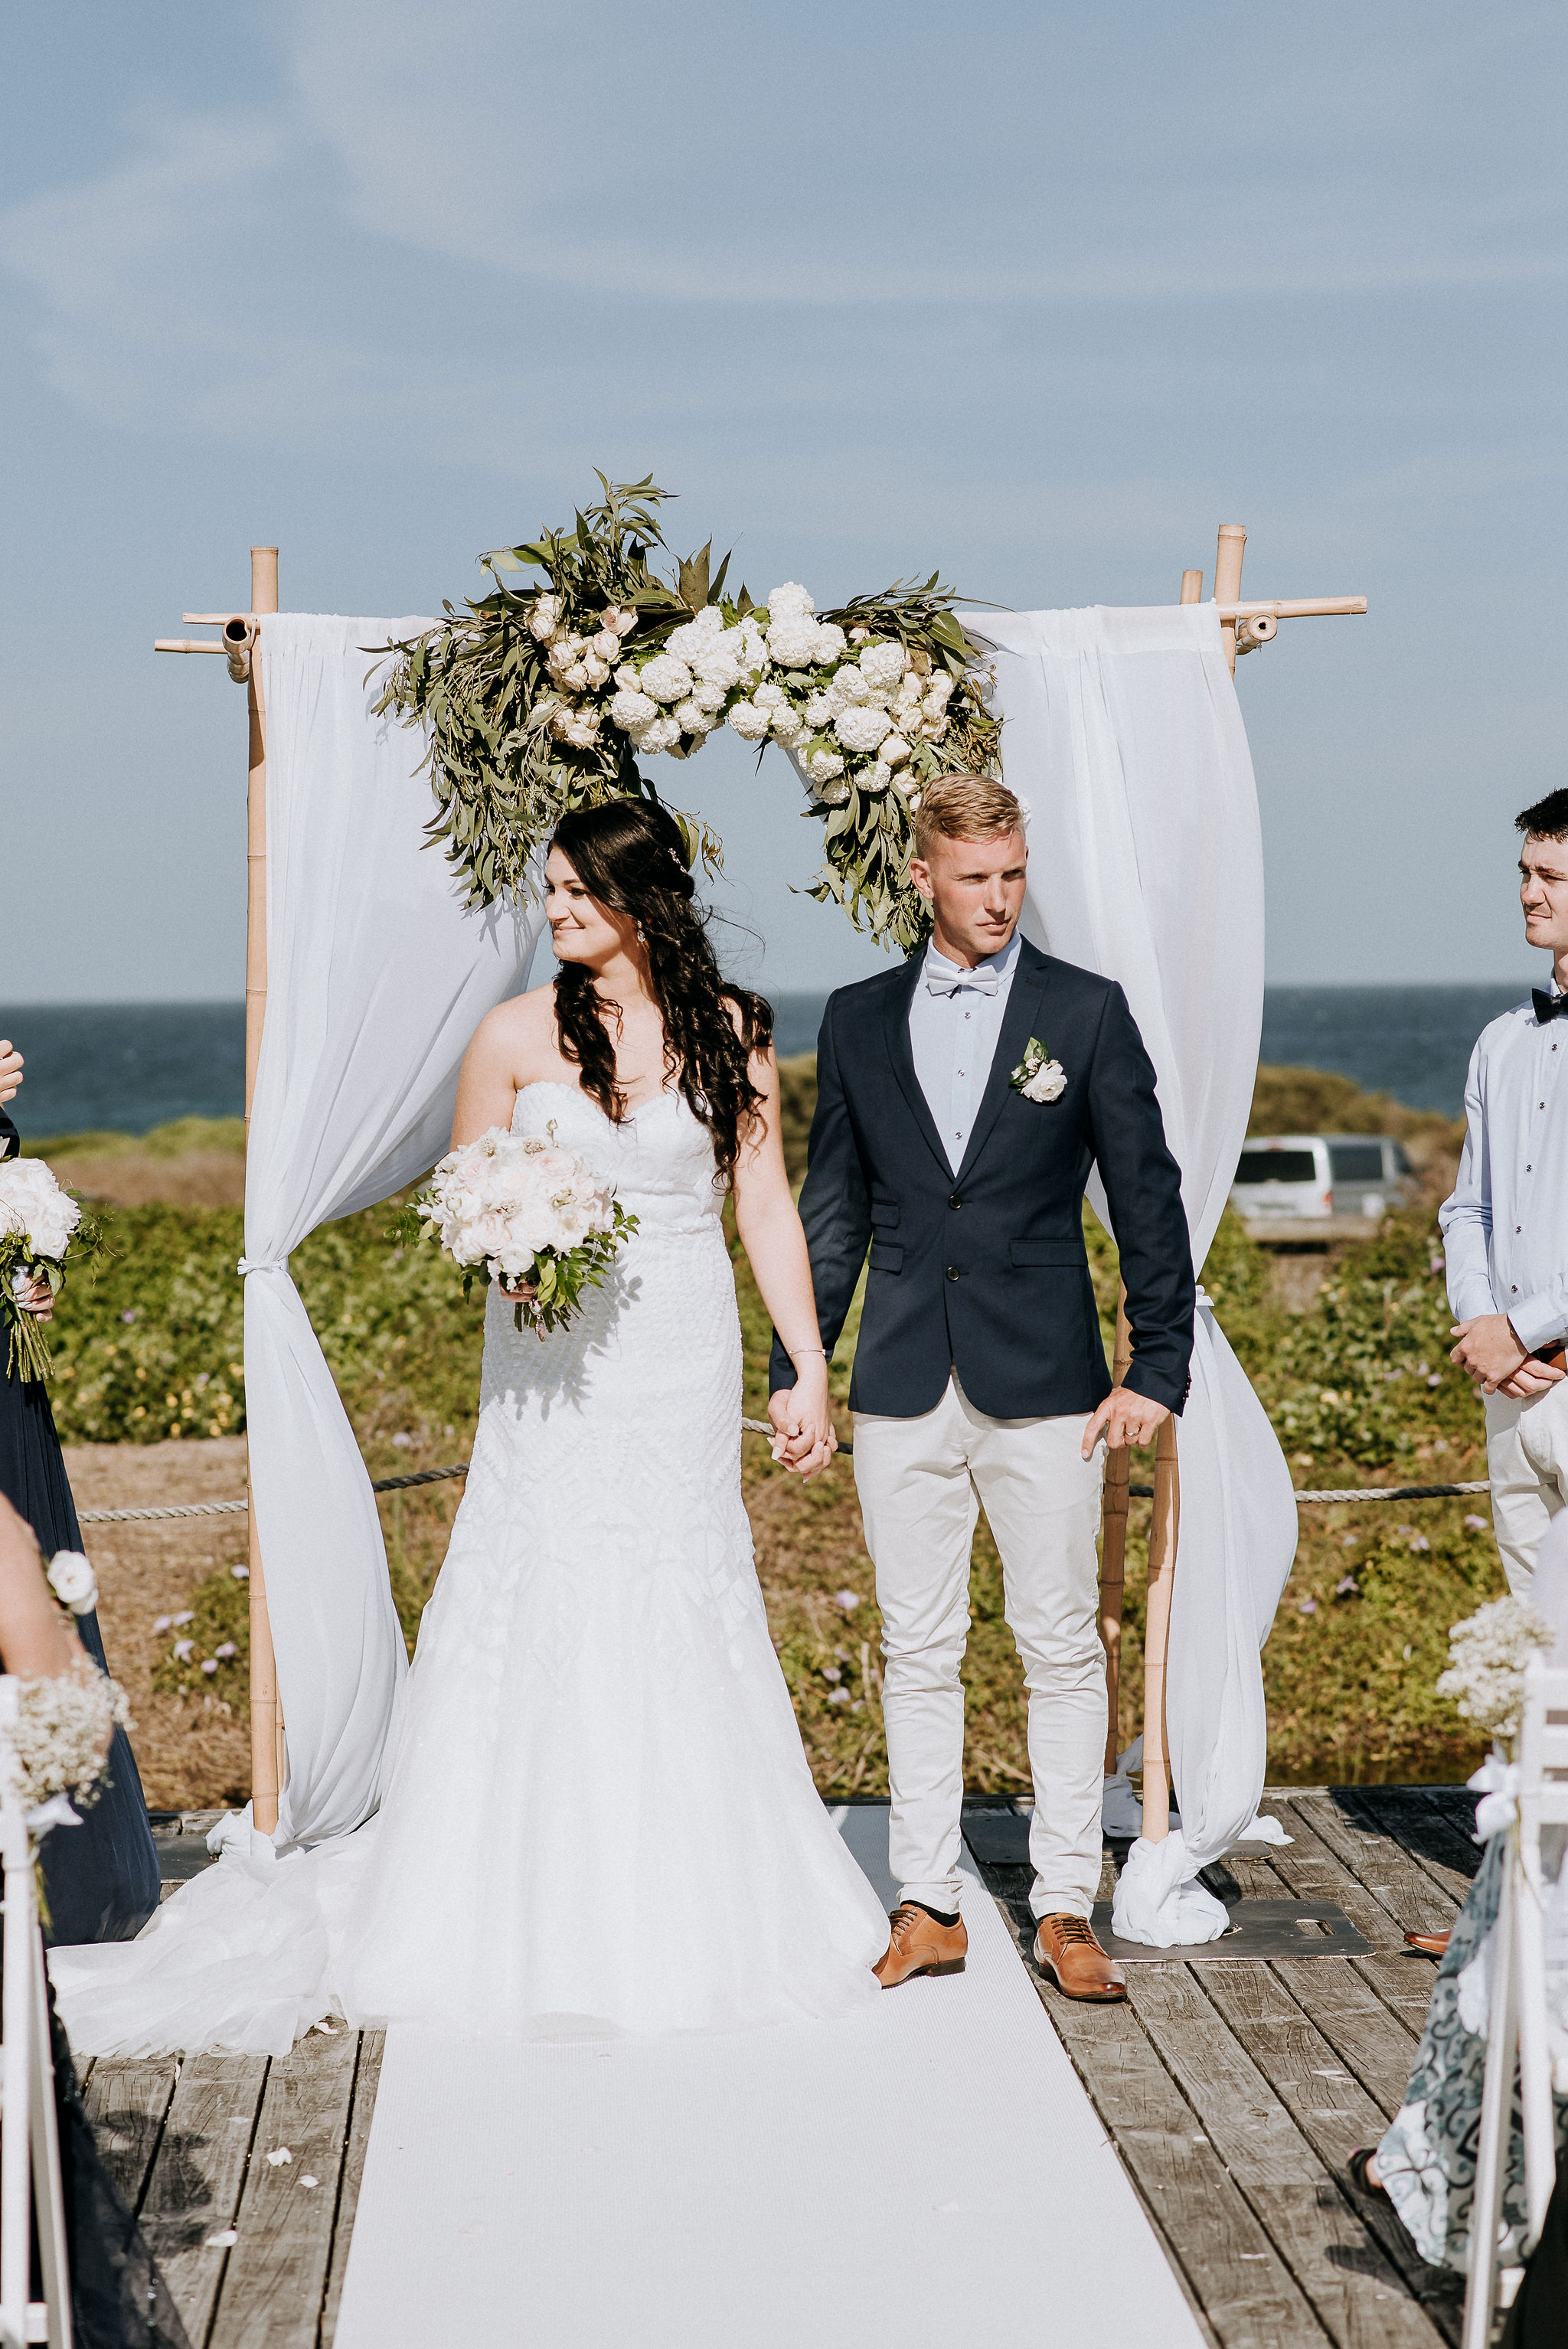 CAVES-BEACH-WEDDING-PATTEN-PREVIEW-2.jpg